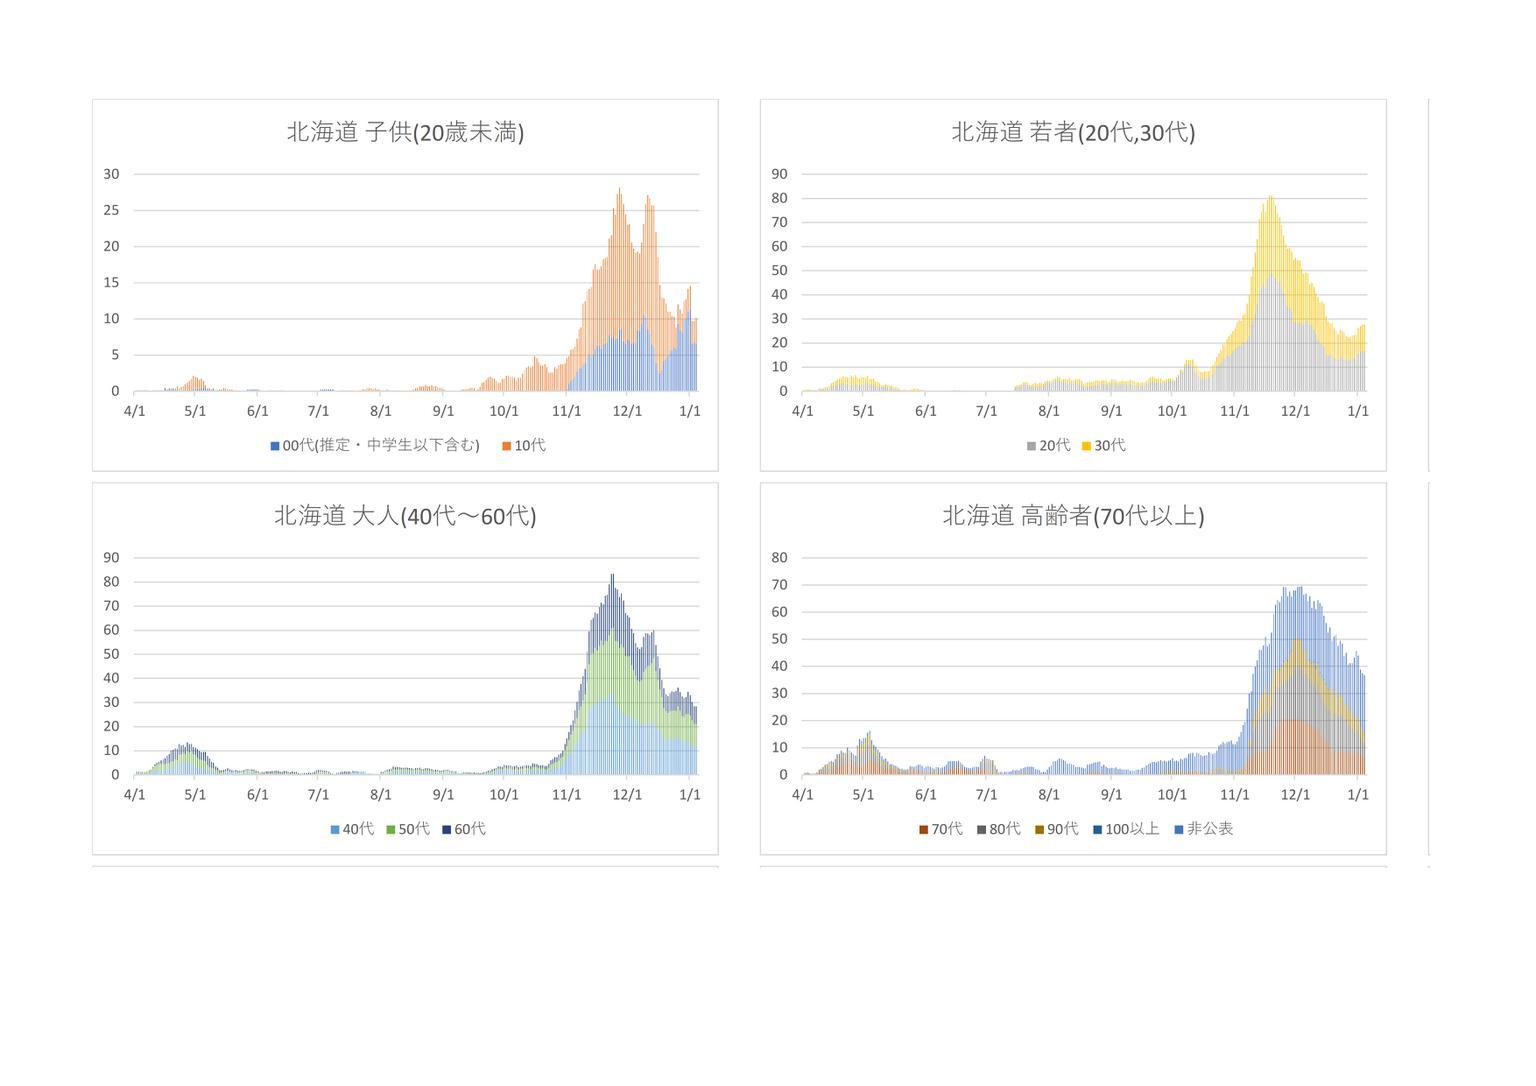 グラフ 東洋 経済 コロナ